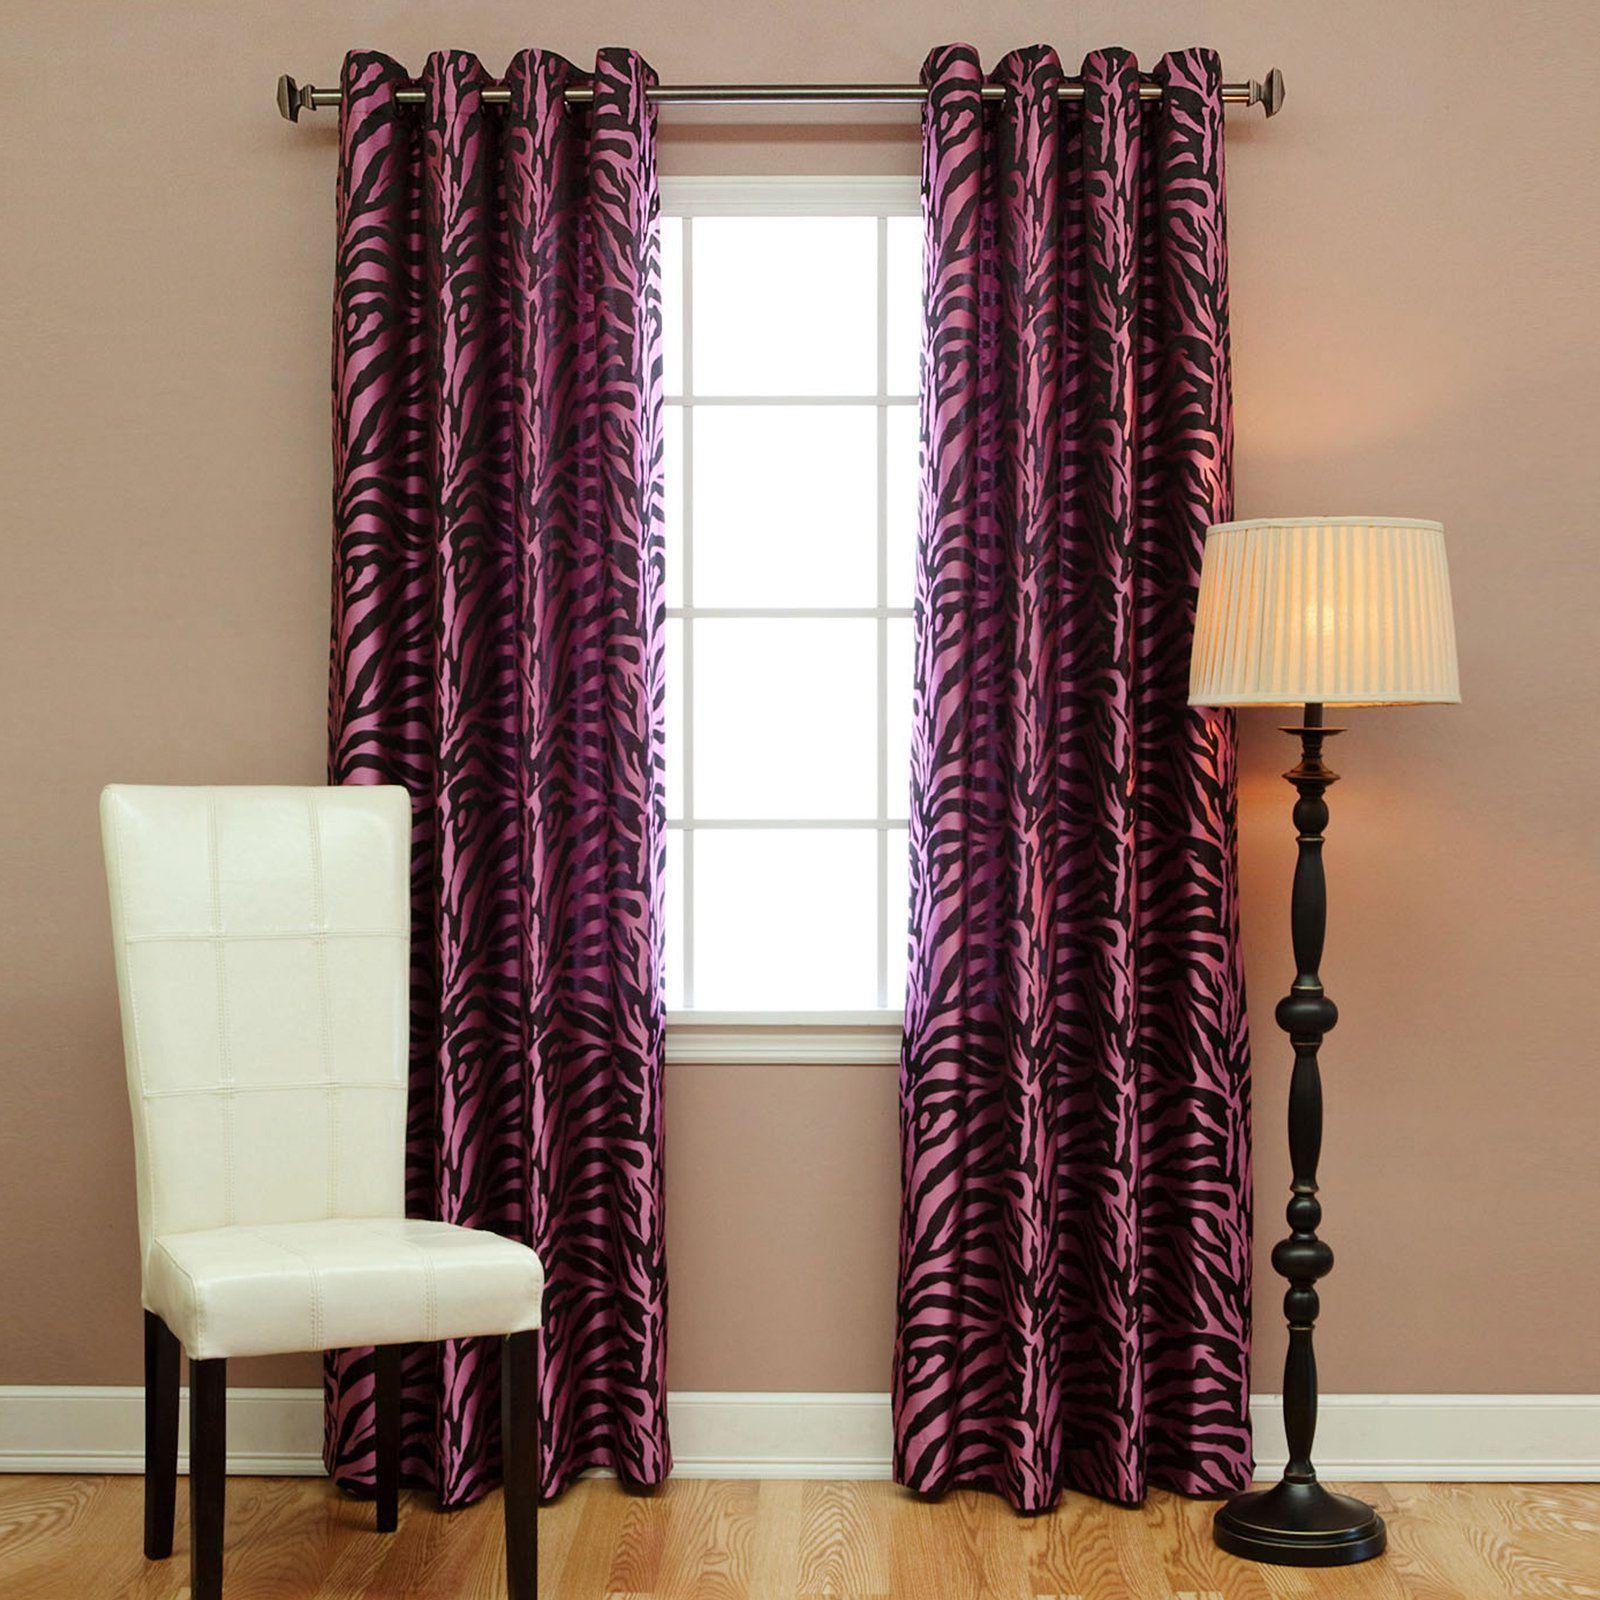 Zebra window coverings  best home fashion zebra print grommet curtains  kczebrachoco